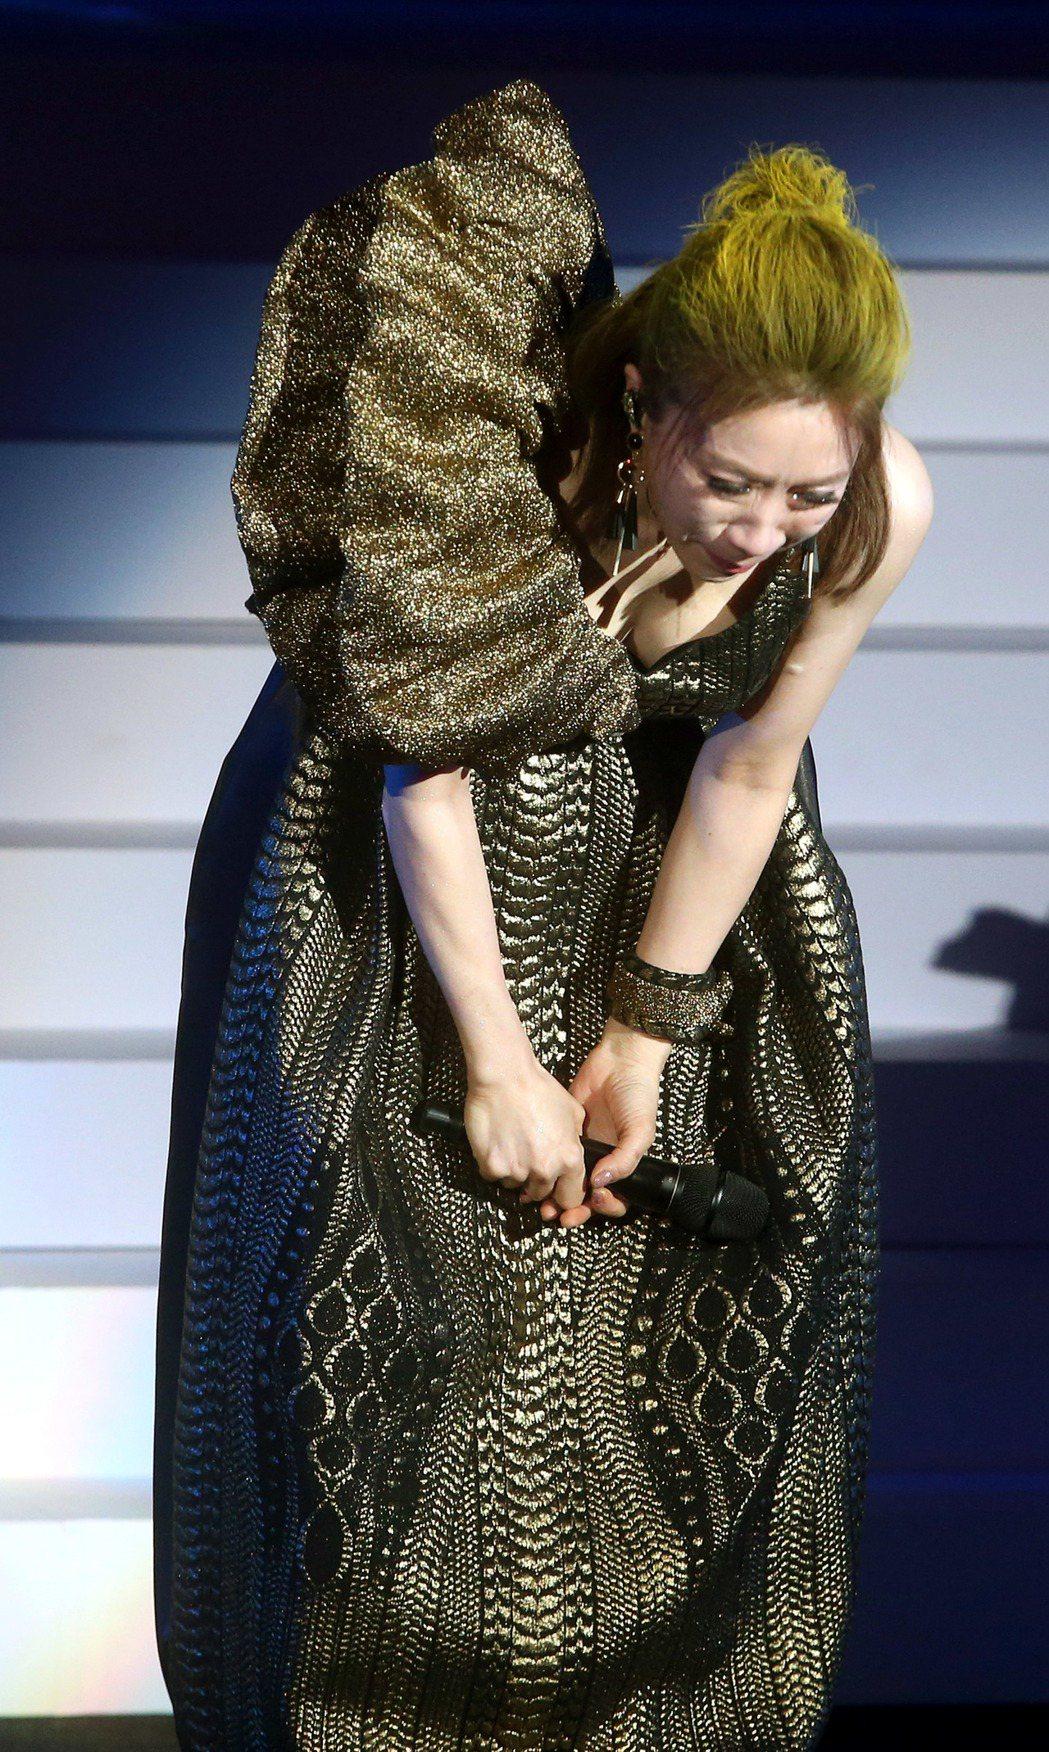 李翊君3日晚間在台北舉辦「翊.往.情.深」演唱會,對於冒著大雨來聽演唱會的粉絲,...